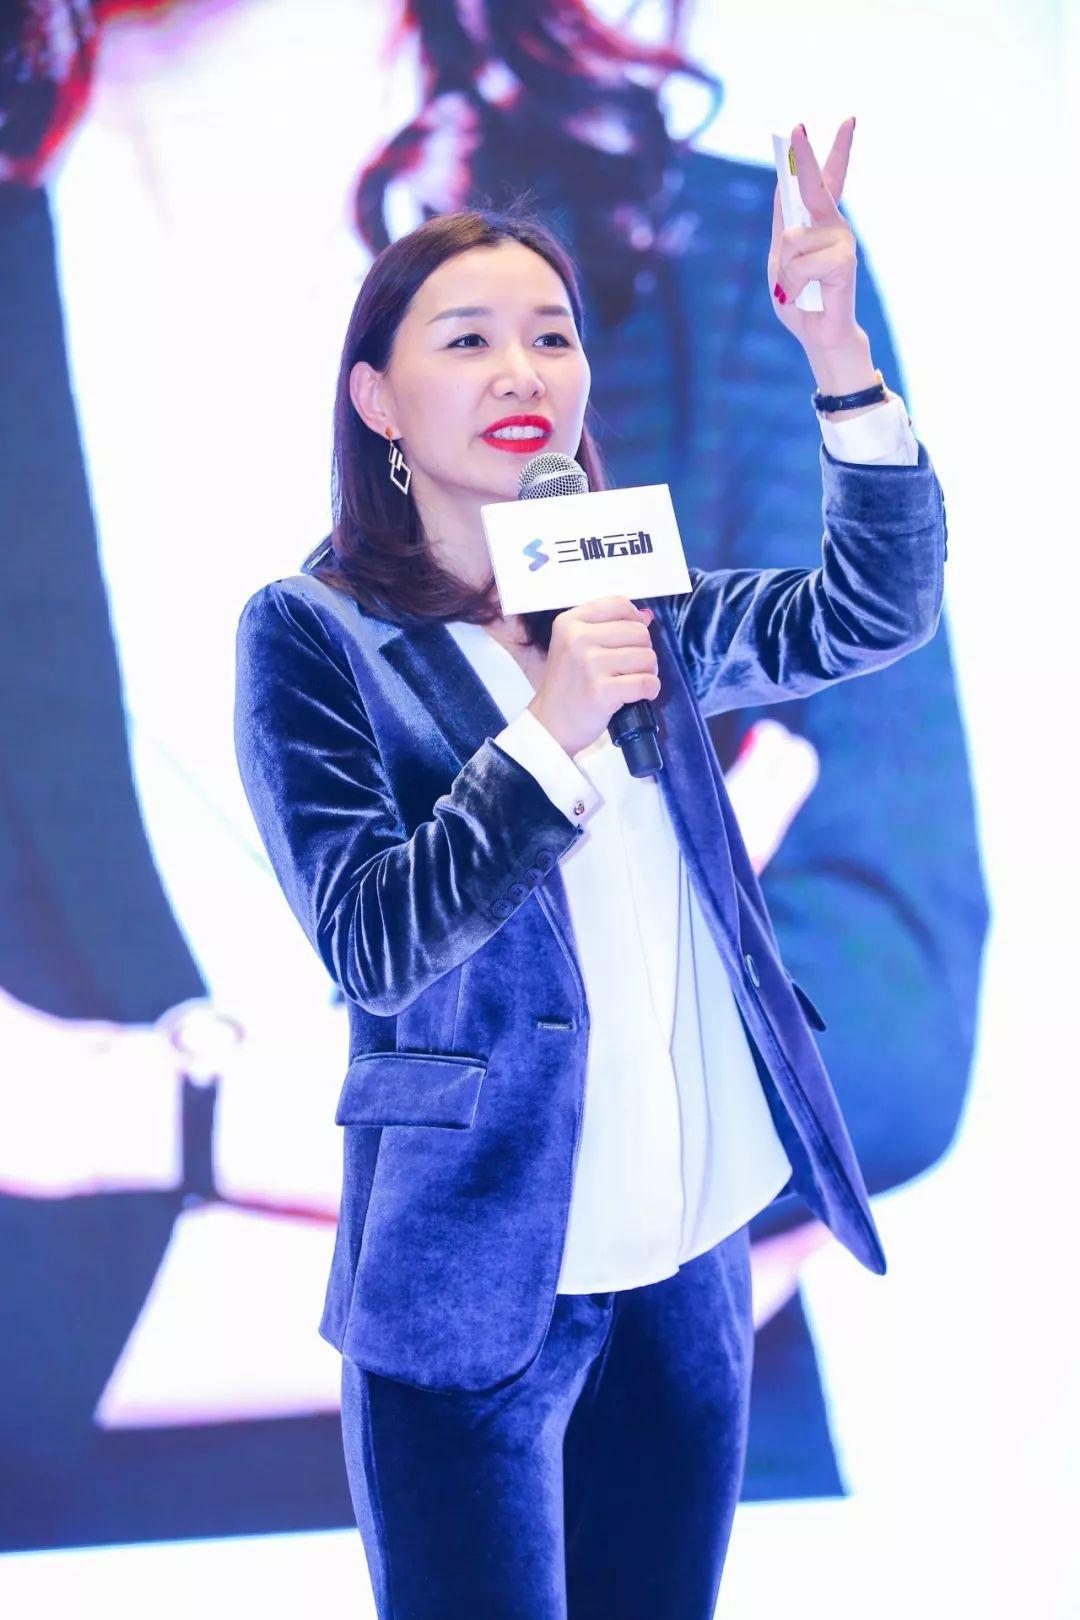 黑狮子健身联合创始人刘宸希:经营健身房要有企业概念,教练在专业领域素质很高